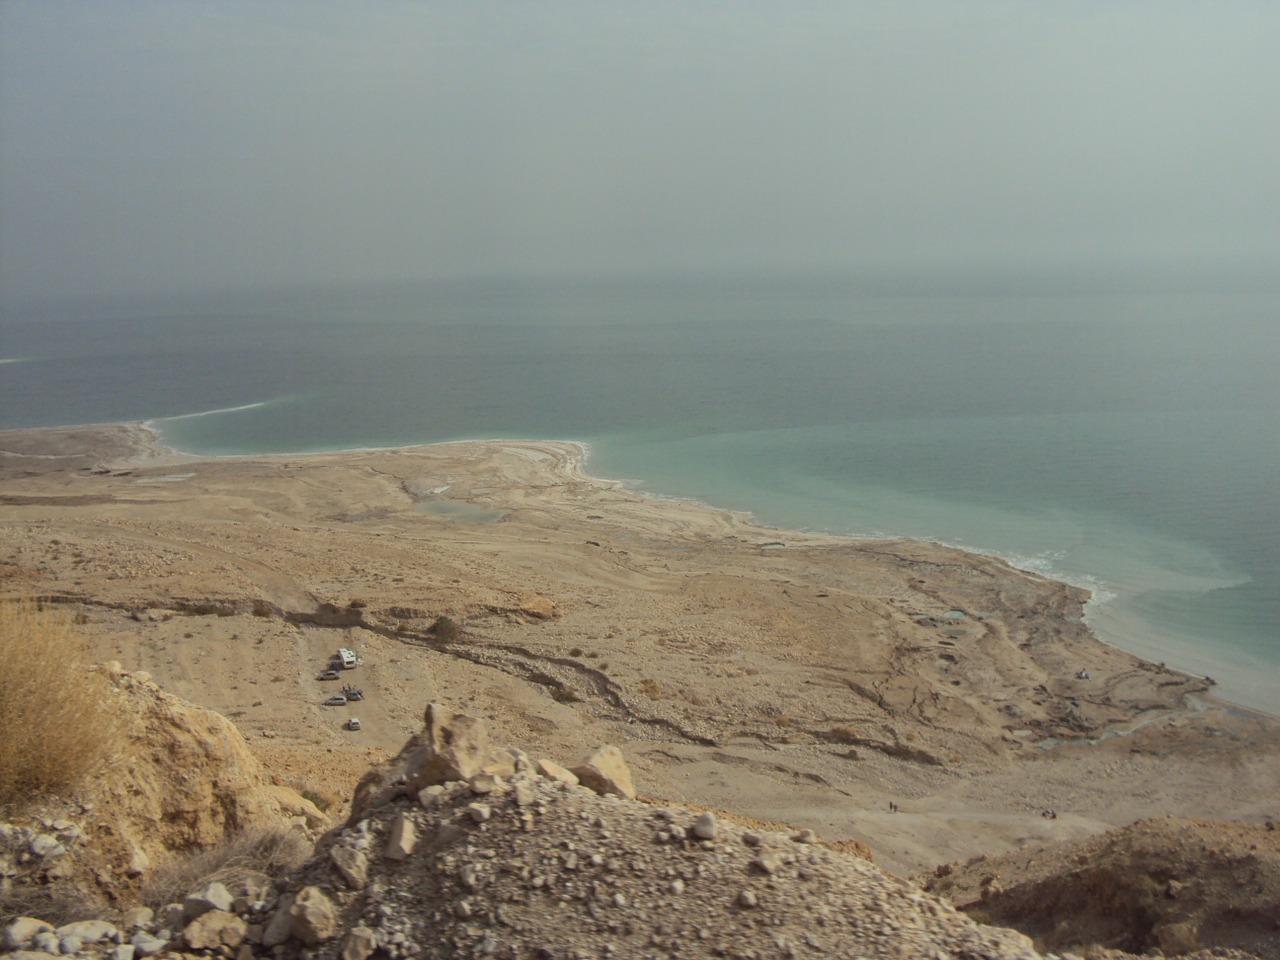 ים המלח - חוויה לכל המשפחה